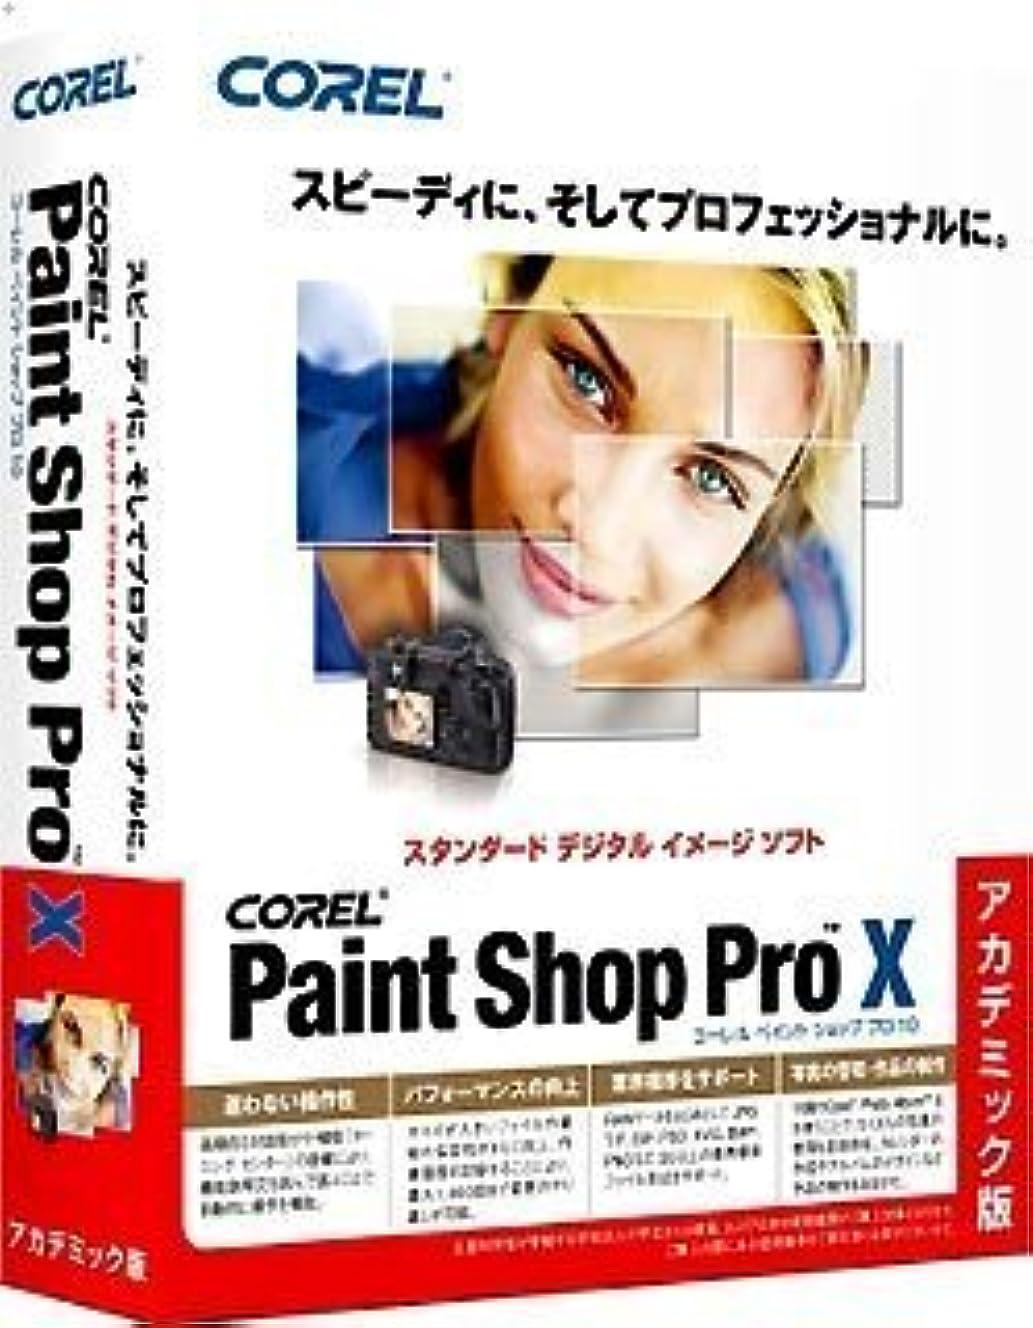 畝間ホイットニーご注意Corel Paint Shop Pro X アカデミック版